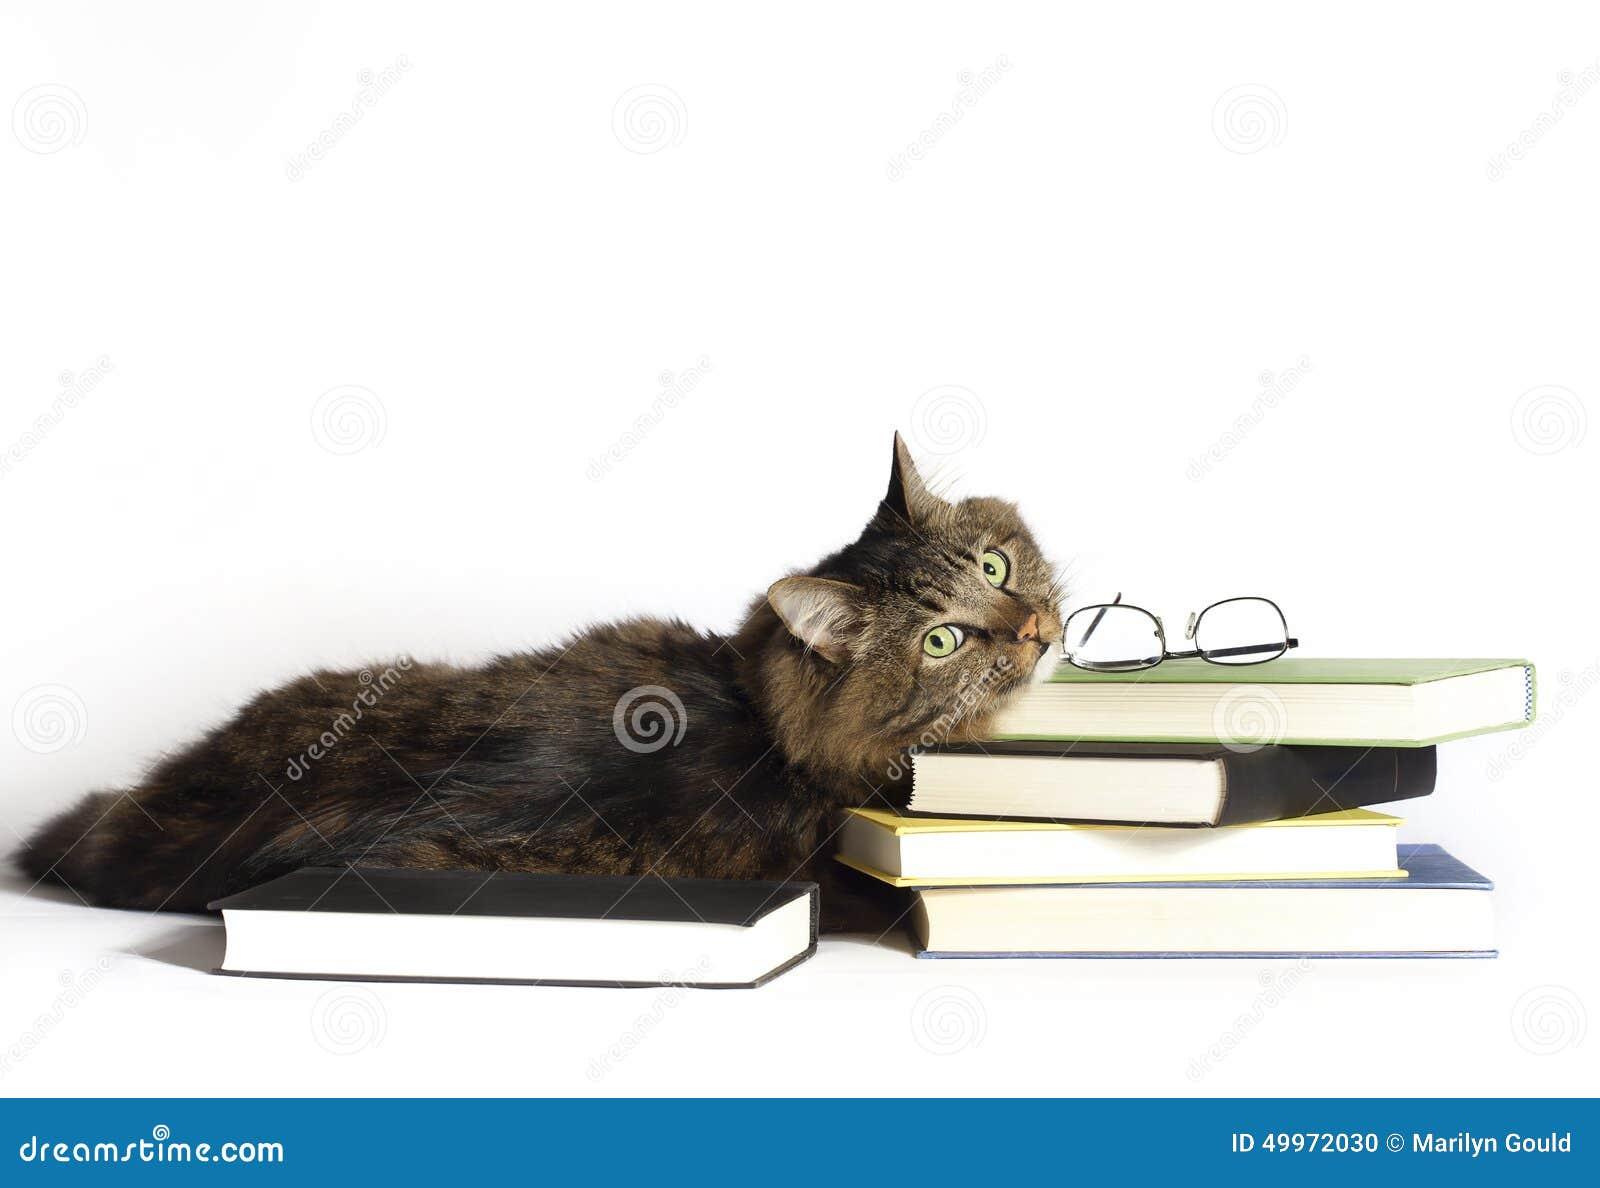 Books katten